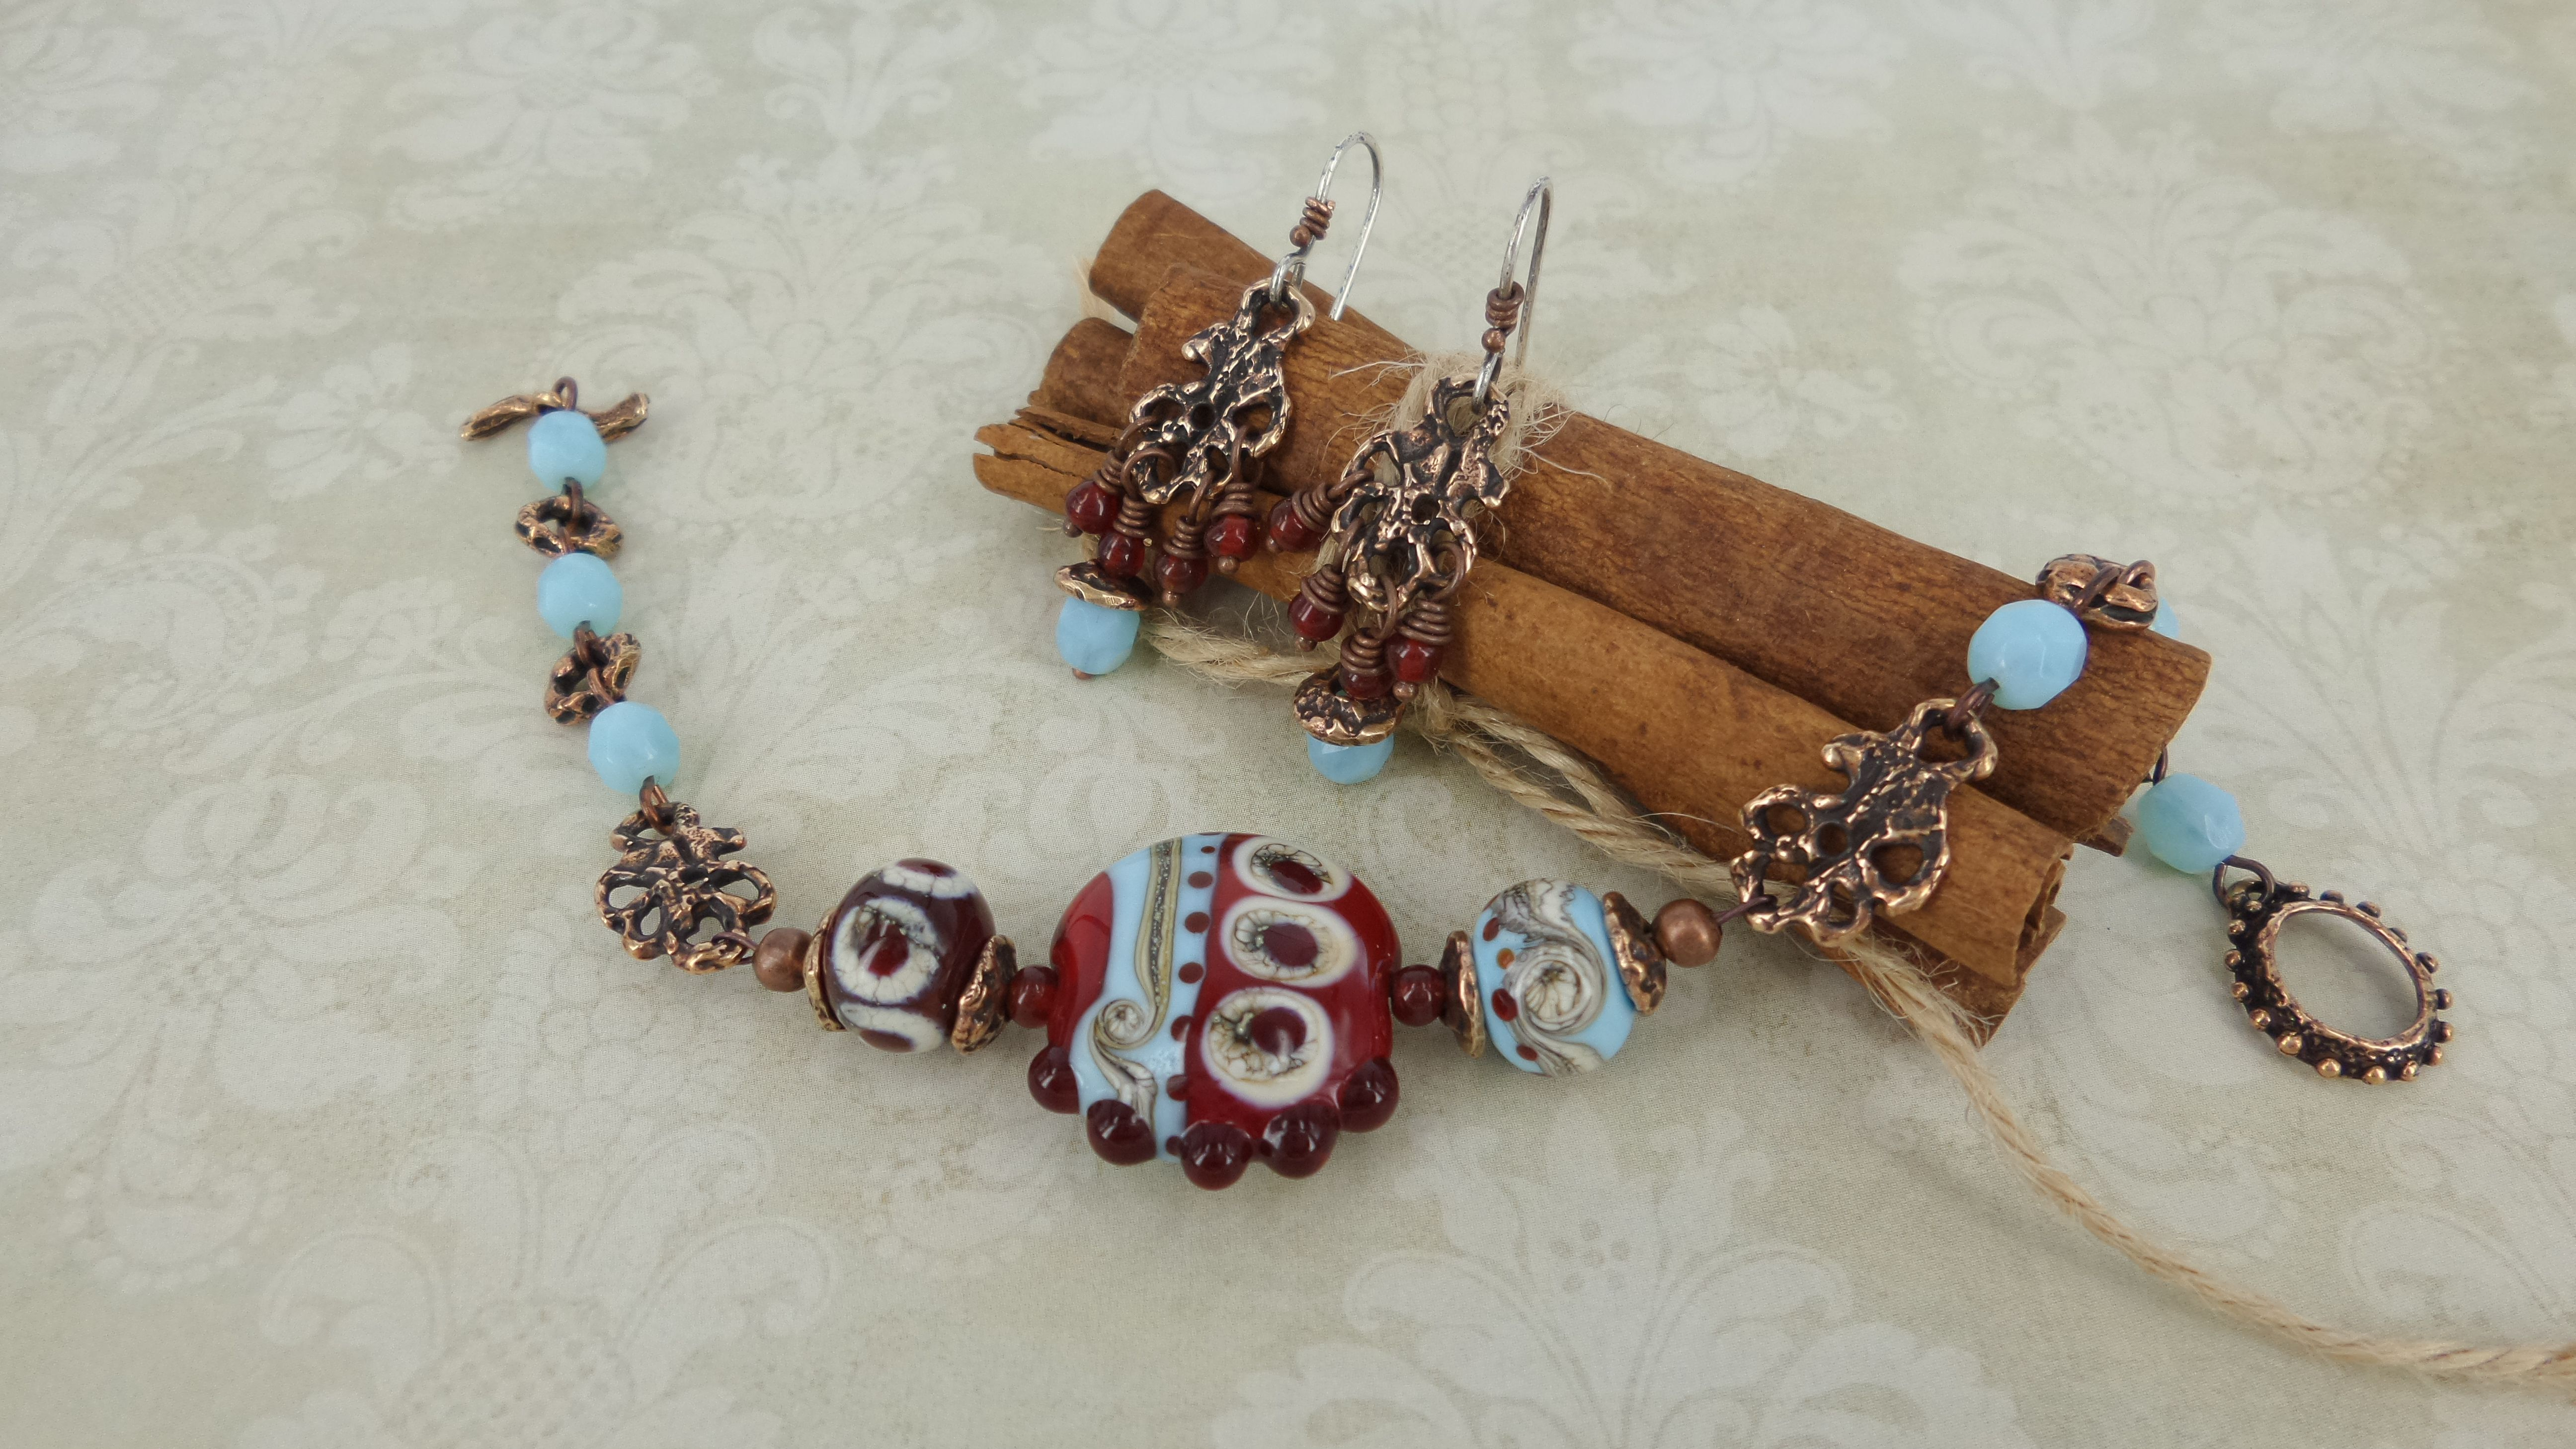 стеклянные медная фурнитурасеребрянные швензы фурнитура бусины женщине серьги браслет авторская рождения день комплект лэмпворк на подарок